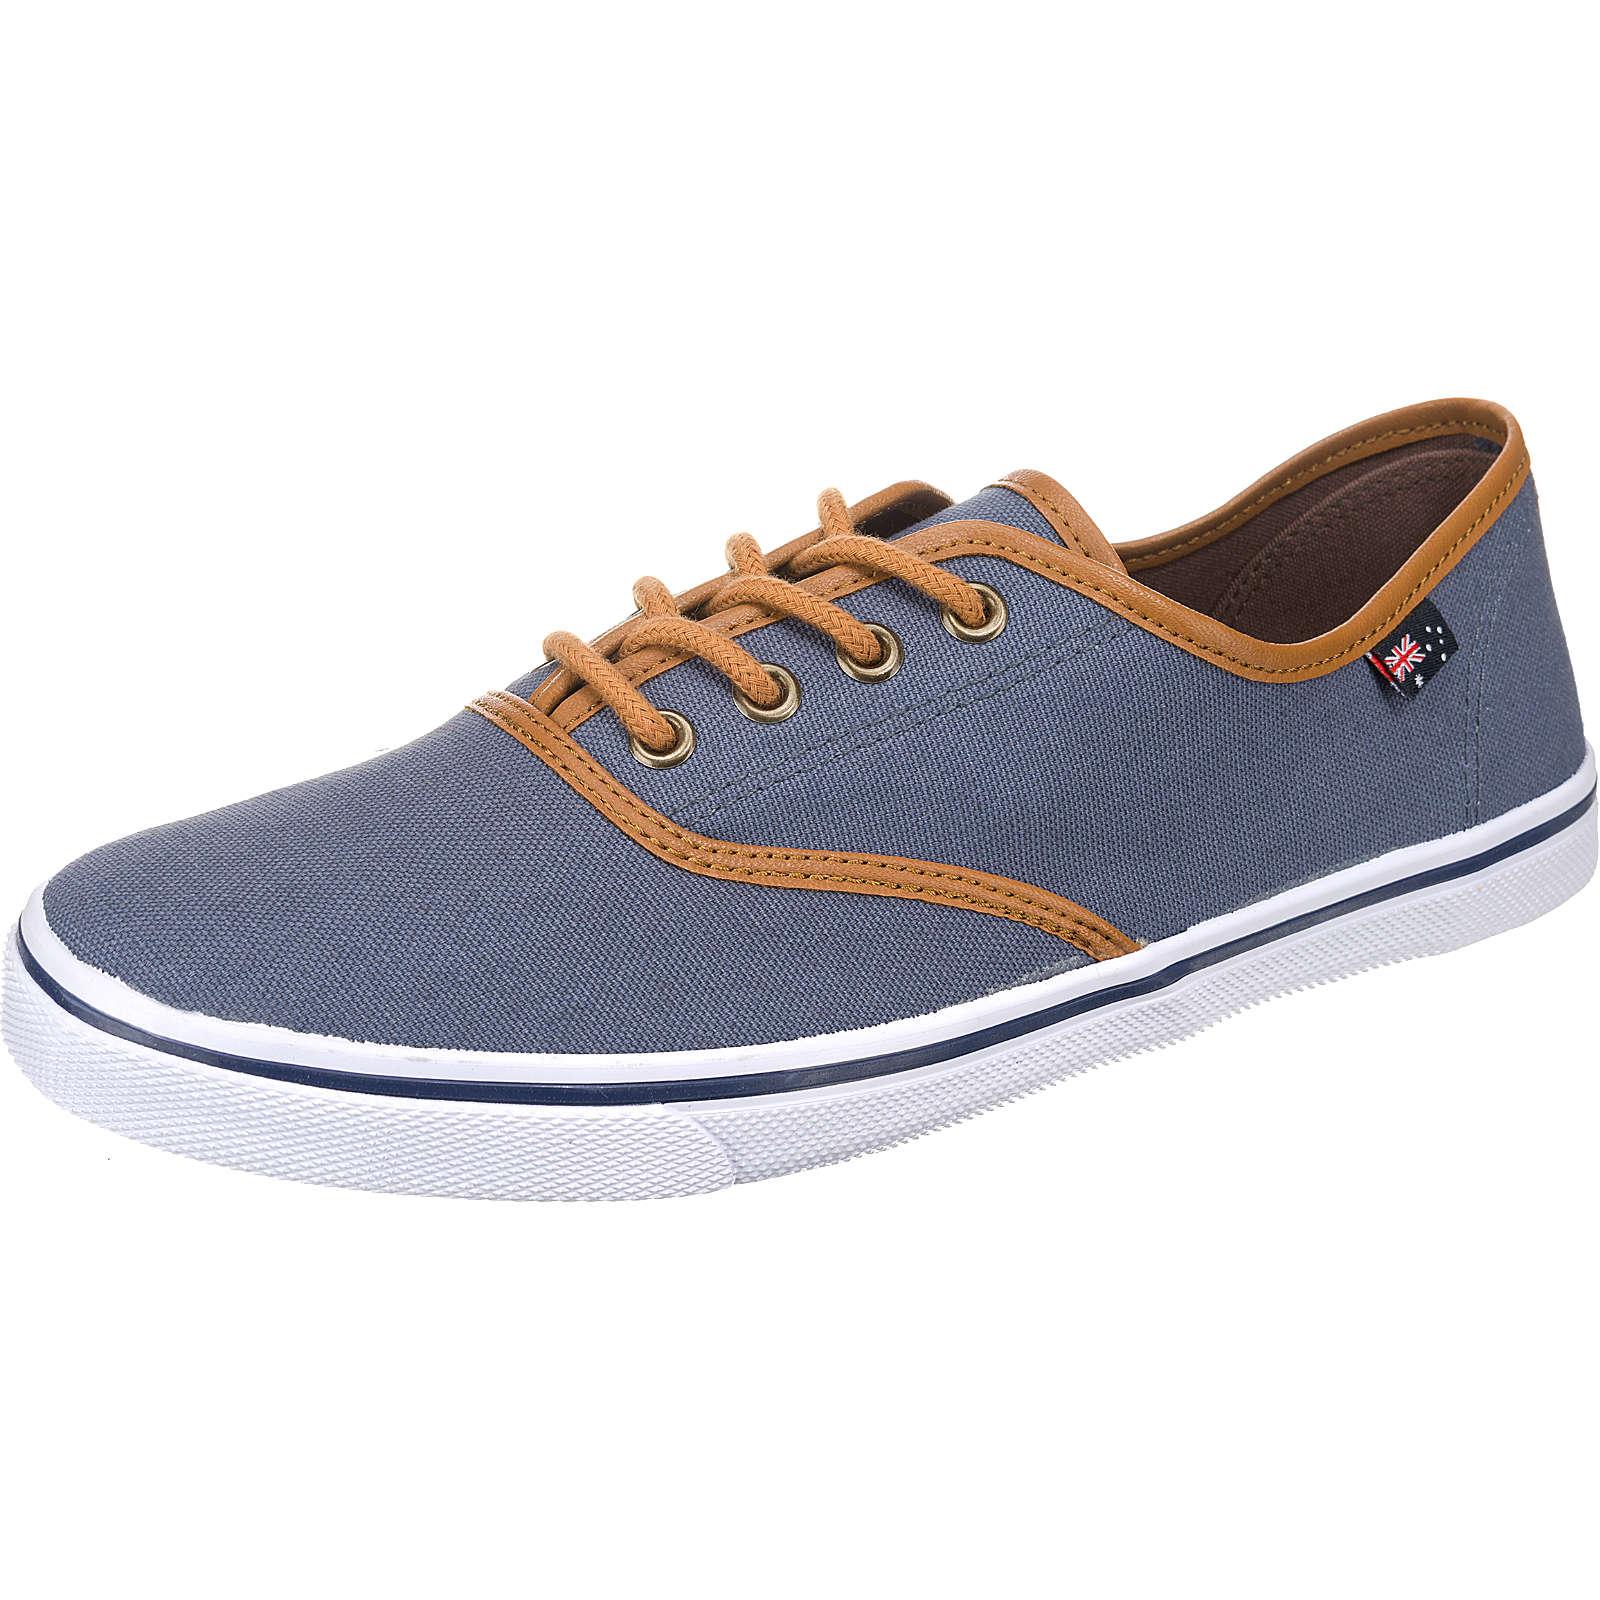 Roadsign Felix Sneakers Low blau Herren Gr. 42